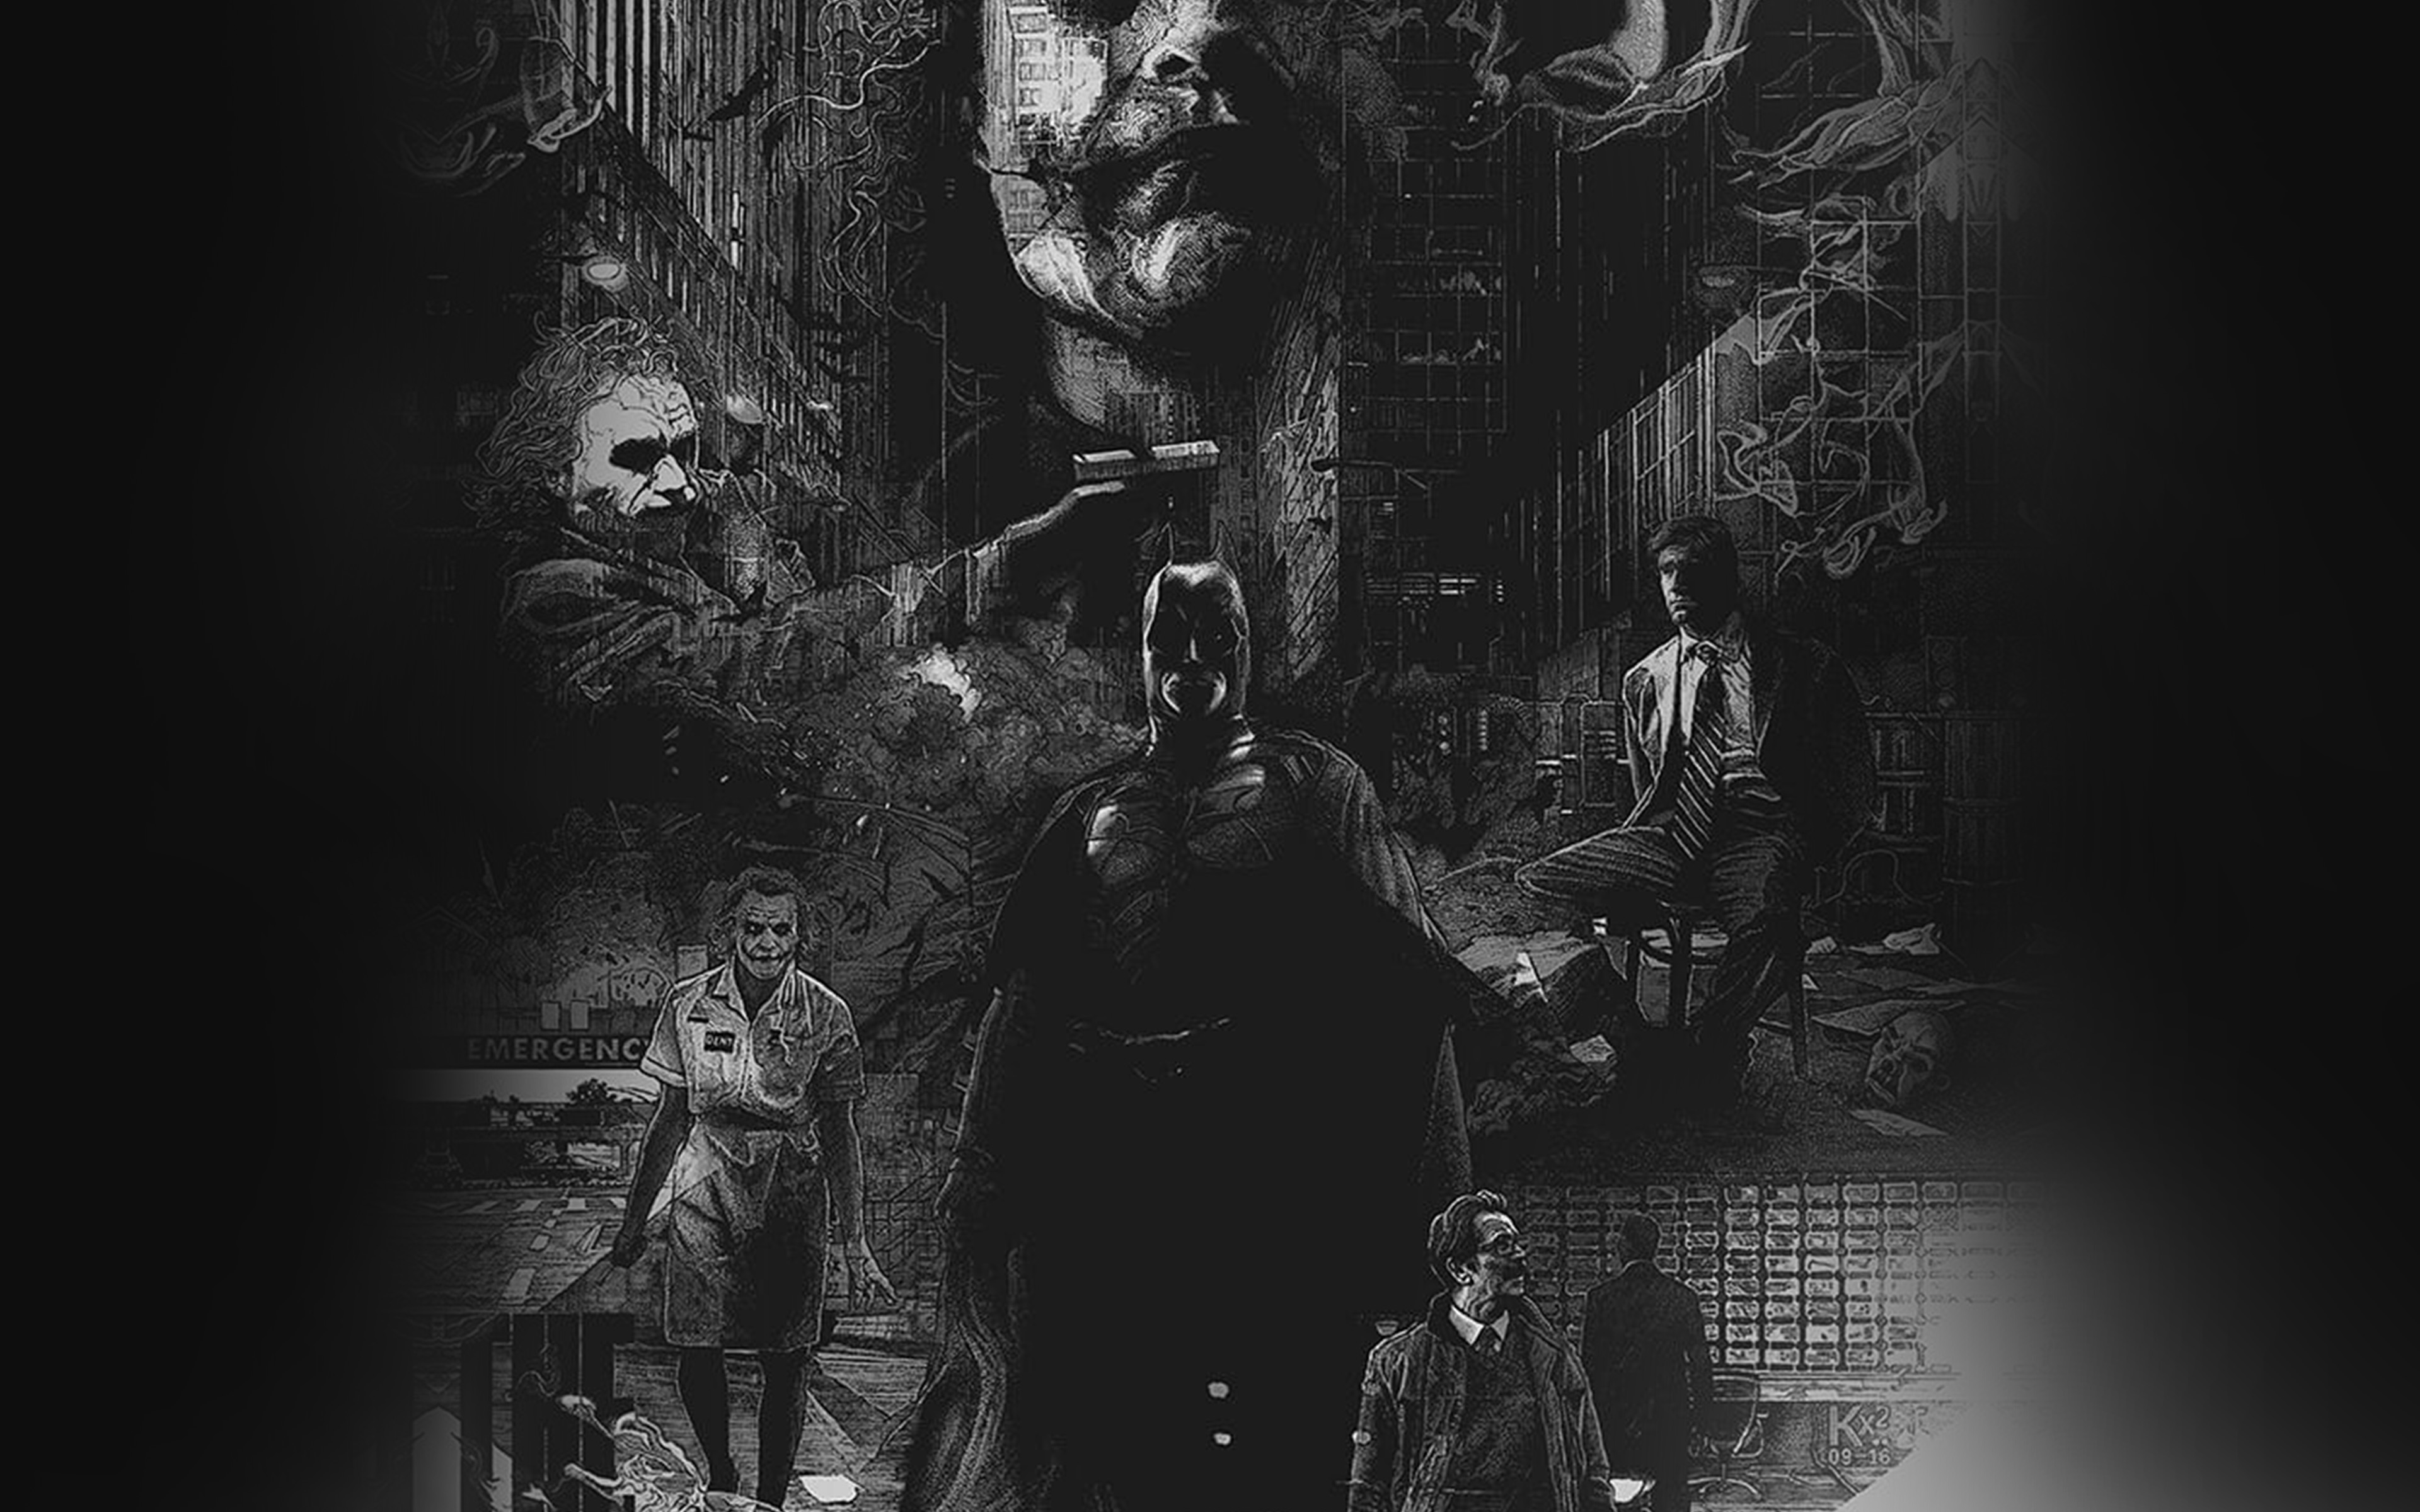 Beautiful Wallpaper Macbook Joker - papers  Collection_559875.jpg